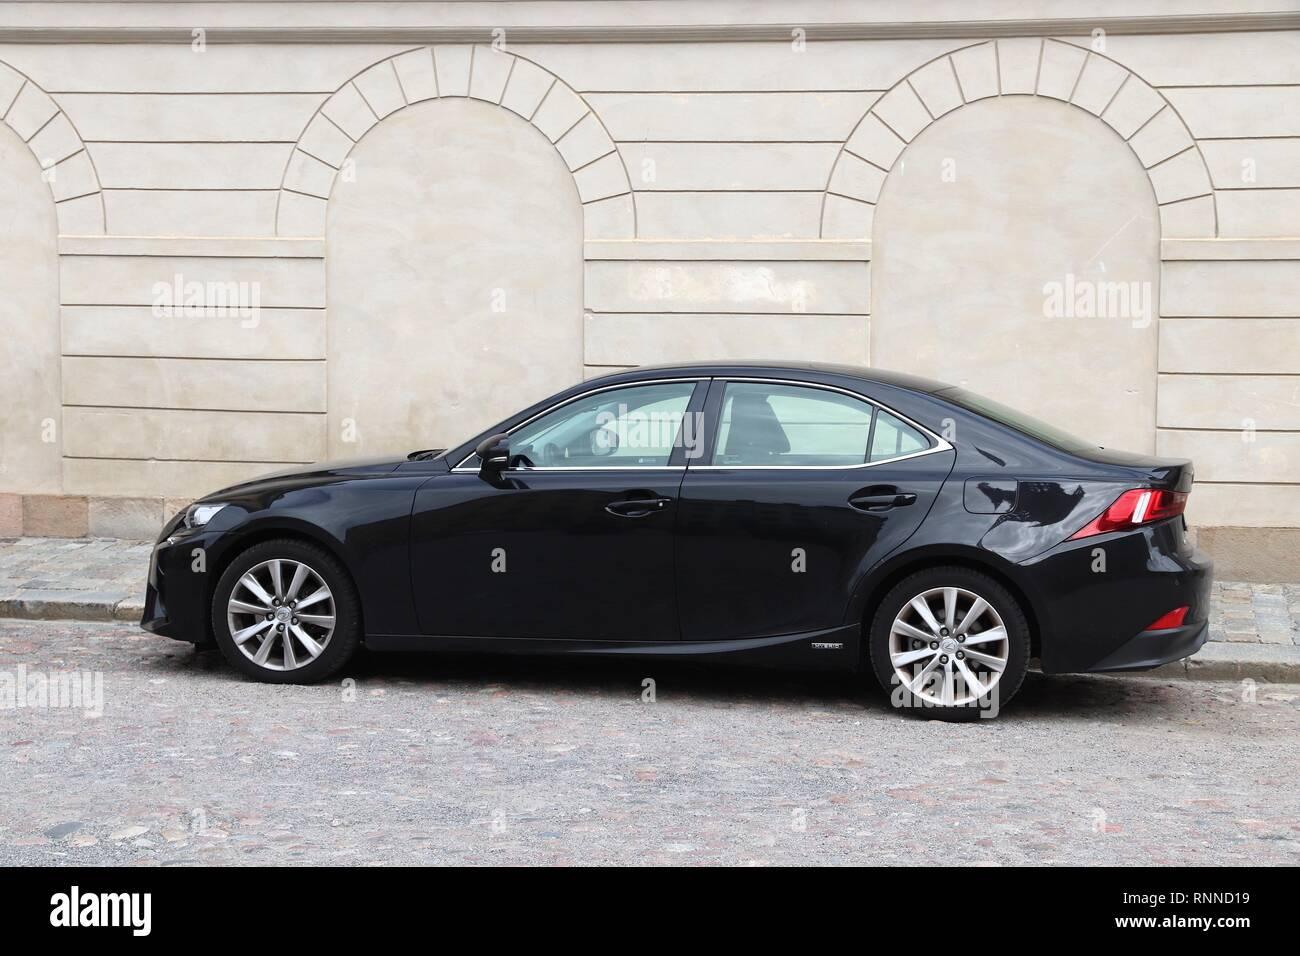 Stoccolma, Svezia - Agosto 23, 2018: ibride Lexus IS 300 parcheggiato a Stoccolma, Svezia. Ci sono 4,8 milioni di autovetture immatricolate in Svezia. Immagini Stock